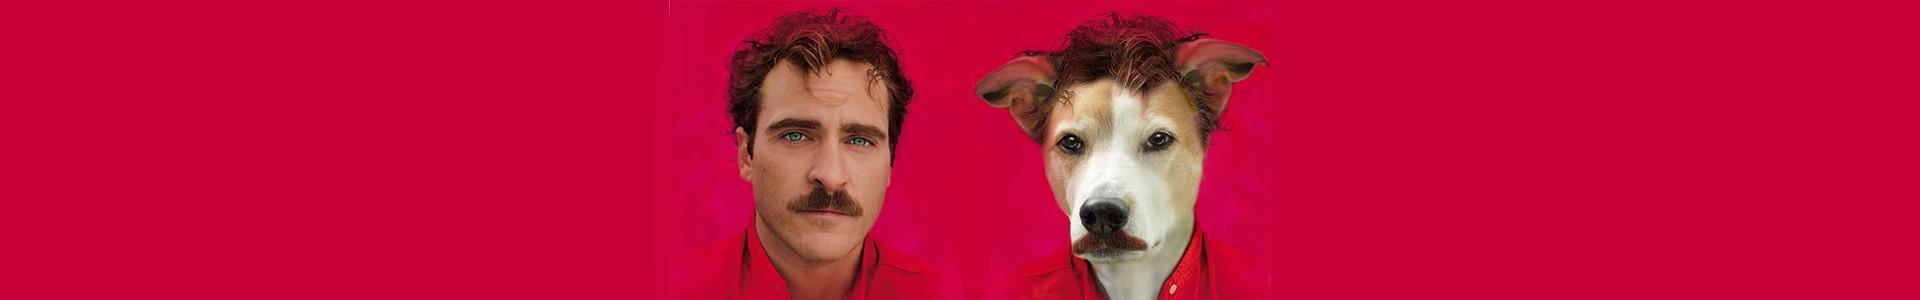 10 posteres de filmes recriados com cachorro